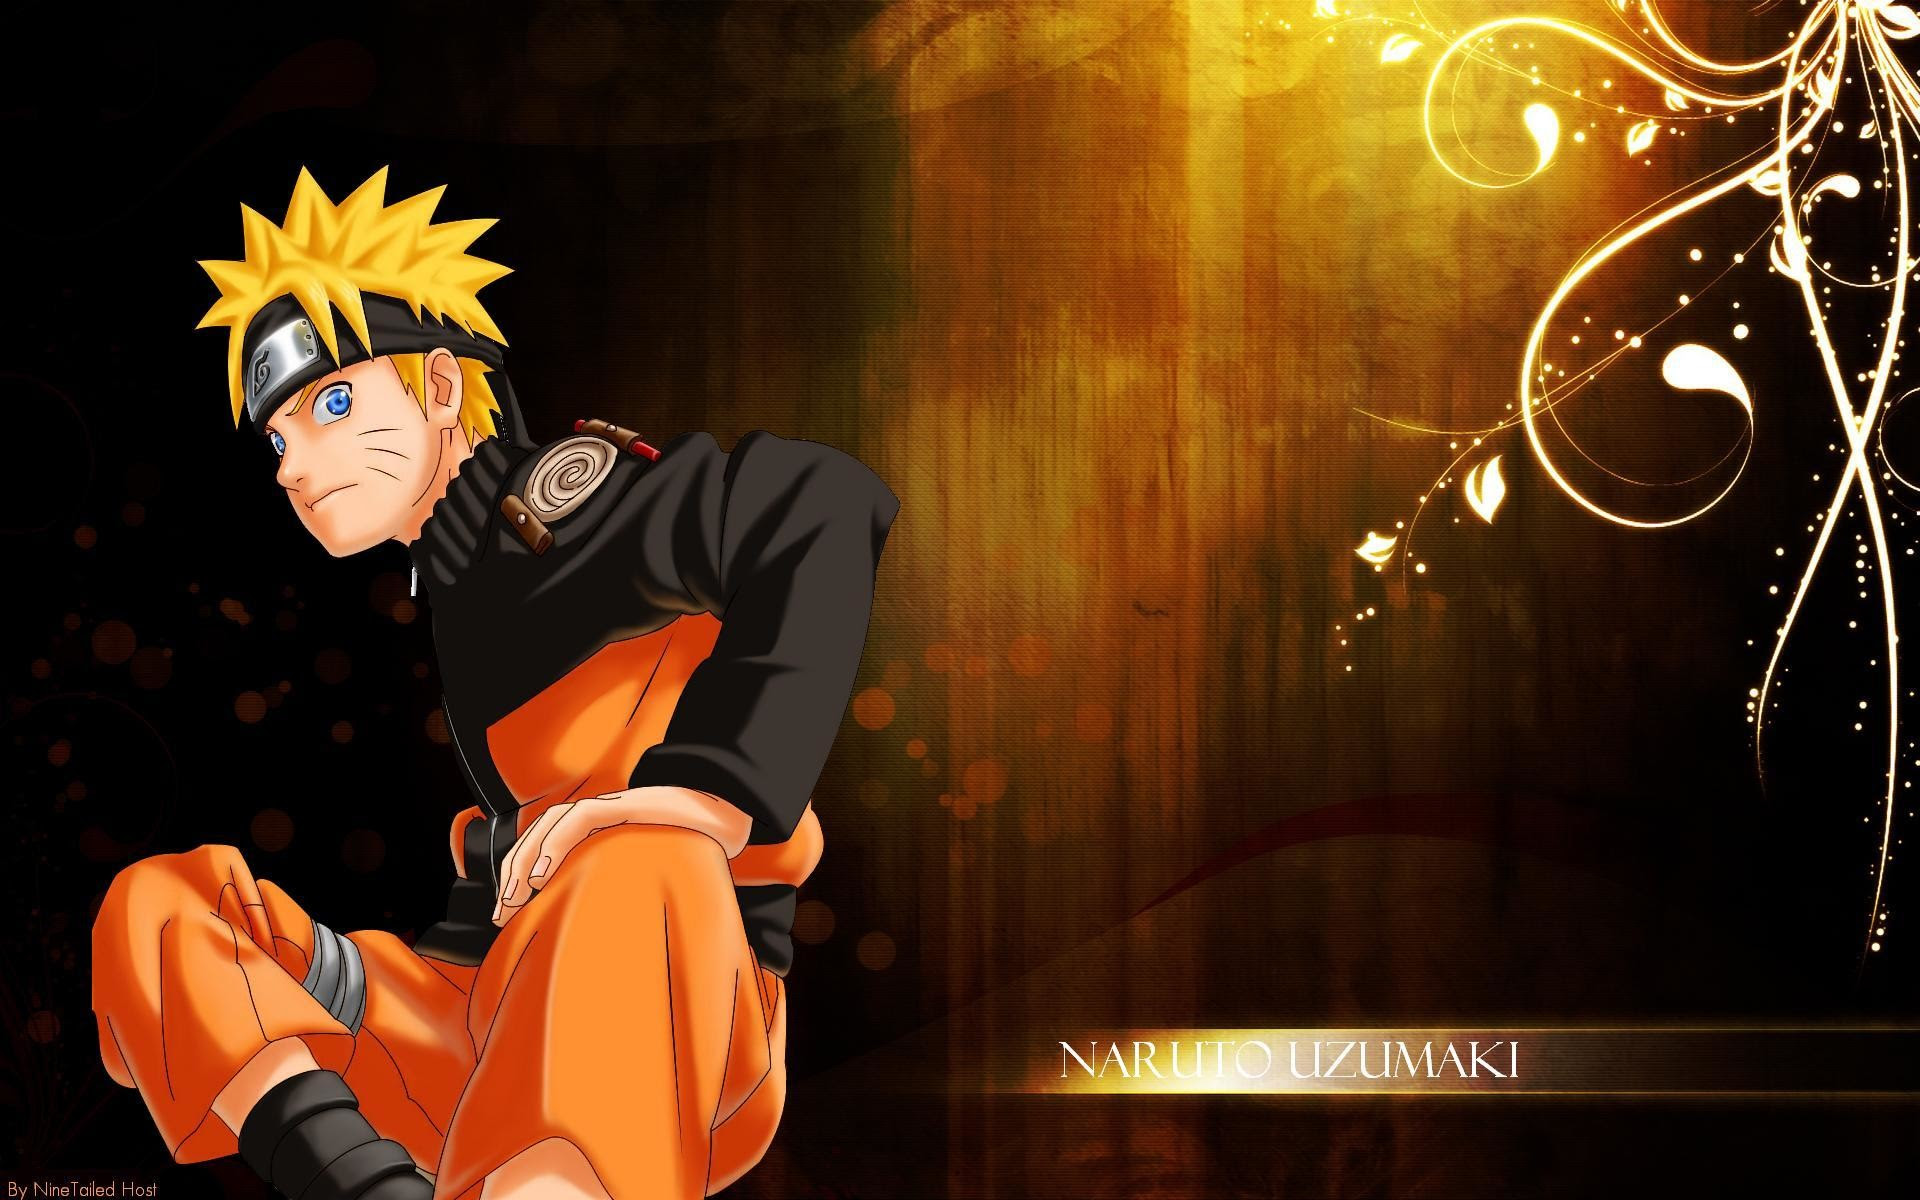 Unduh 44 Koleksi Wallpaper Naruto Uzumaki Gratis Terbaru